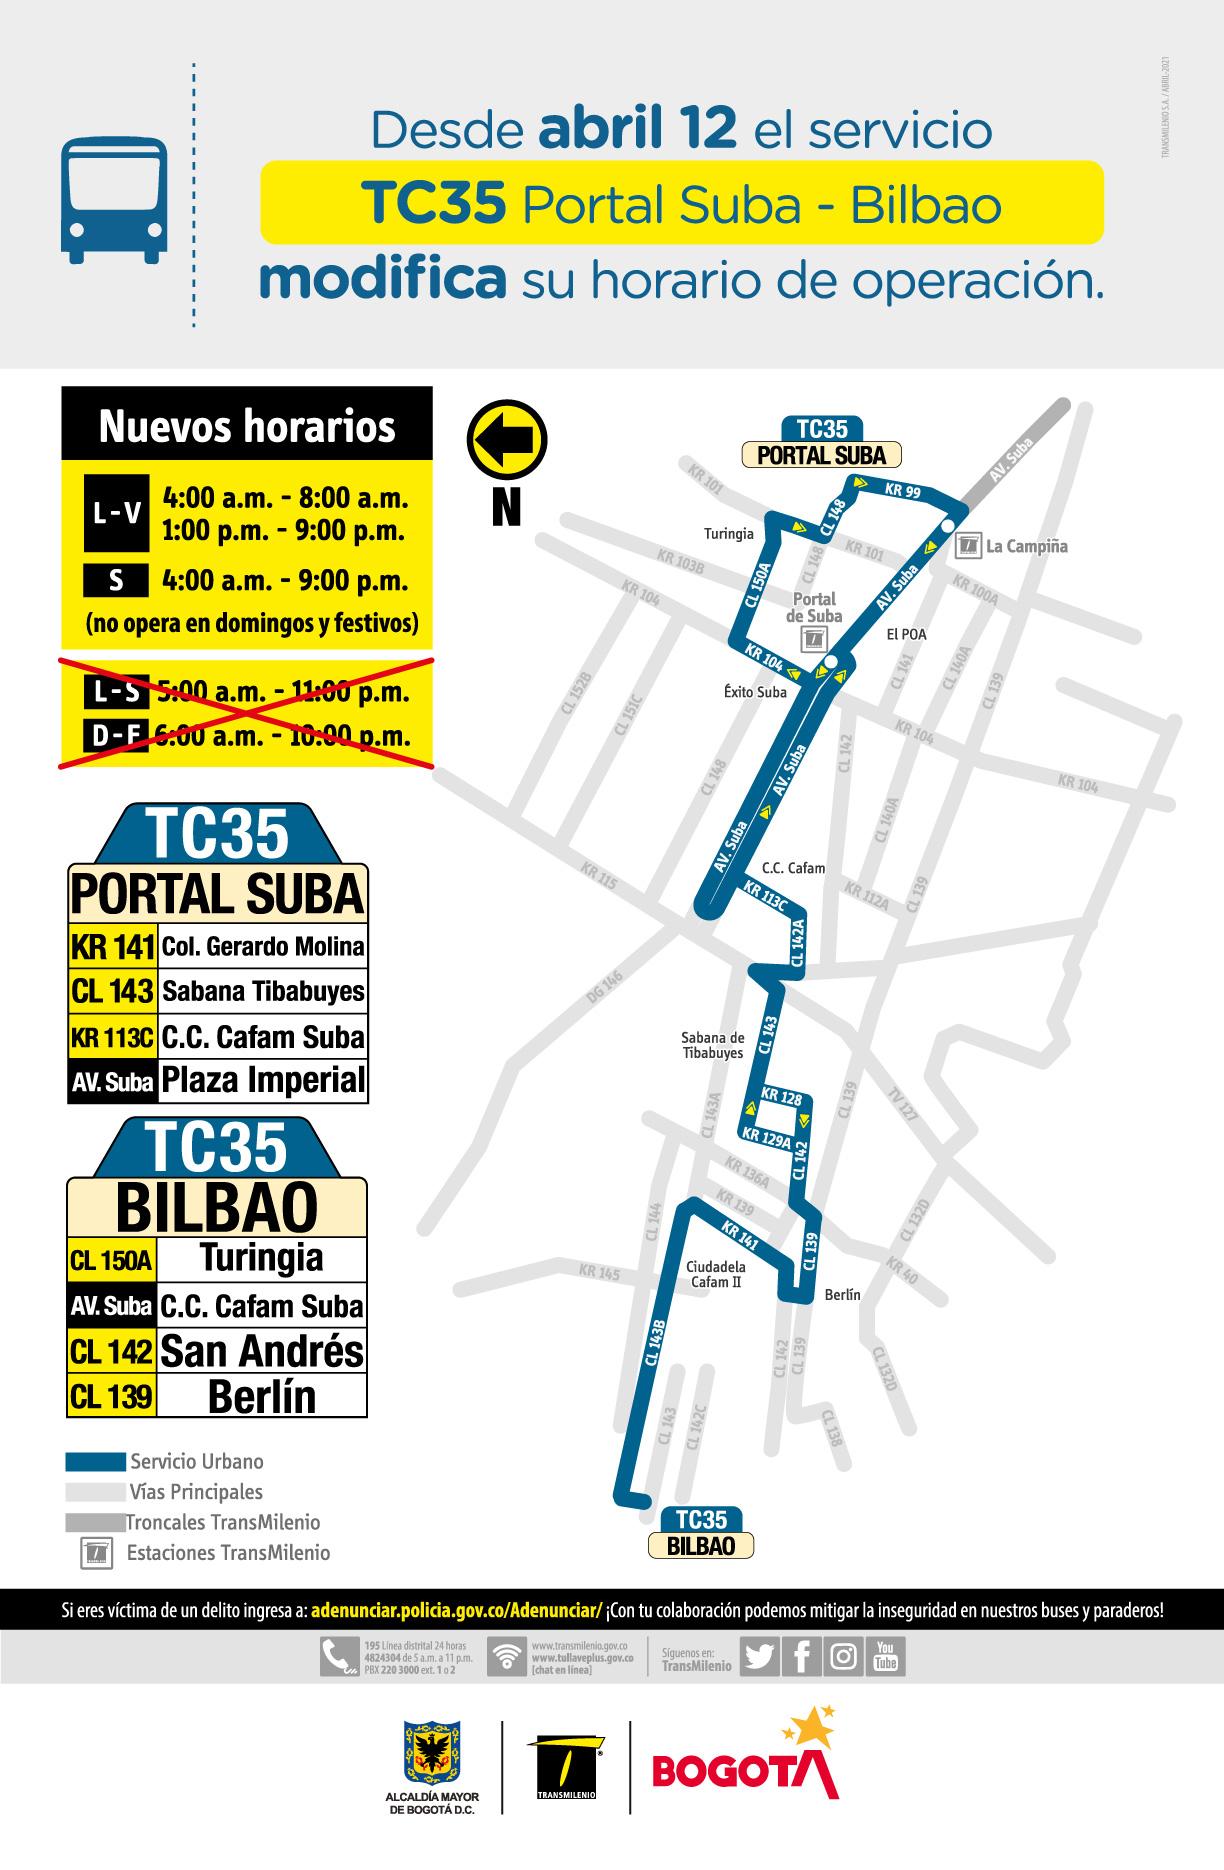 TC35 Portal Suba - Bilbao